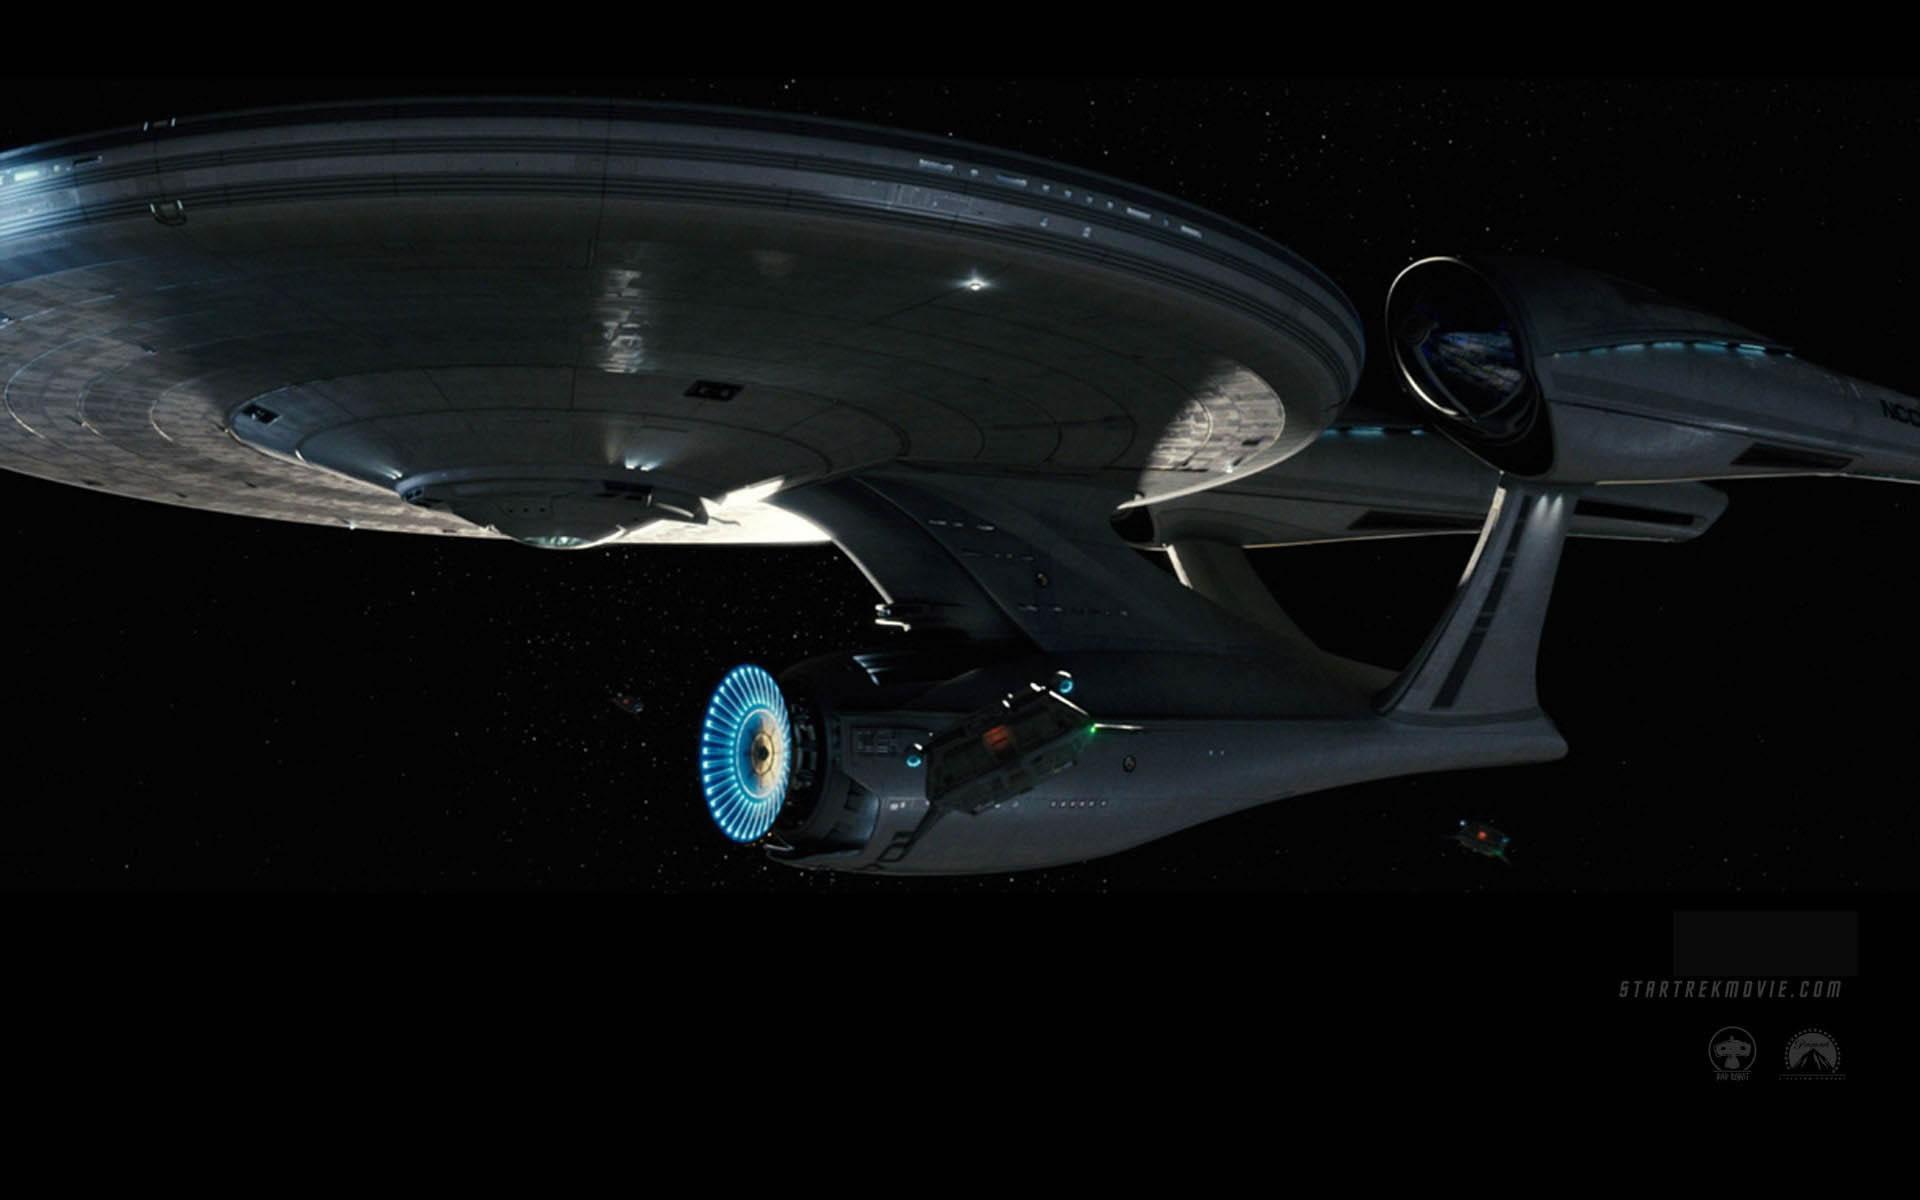 Nave Enterprise Star Trek.